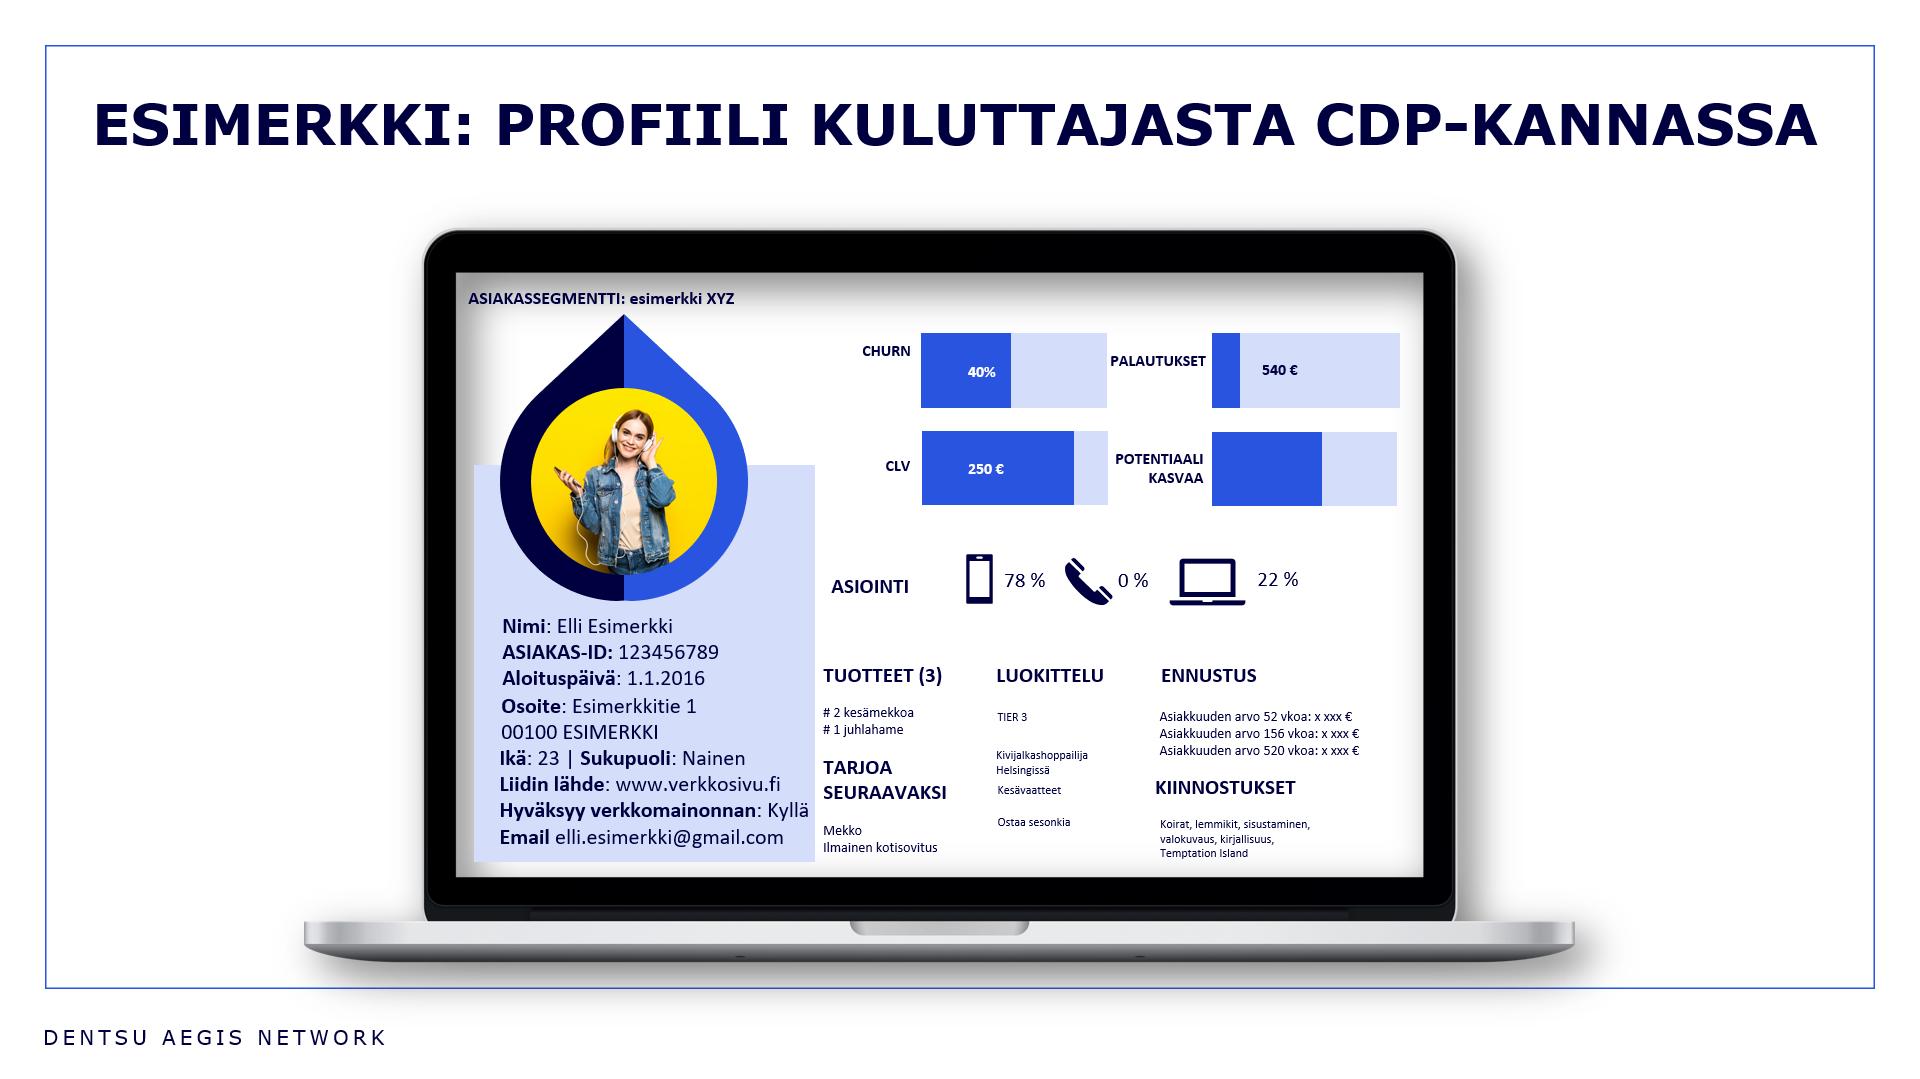 CDP työkalun kuvaus yksittäisestä henkilöstä